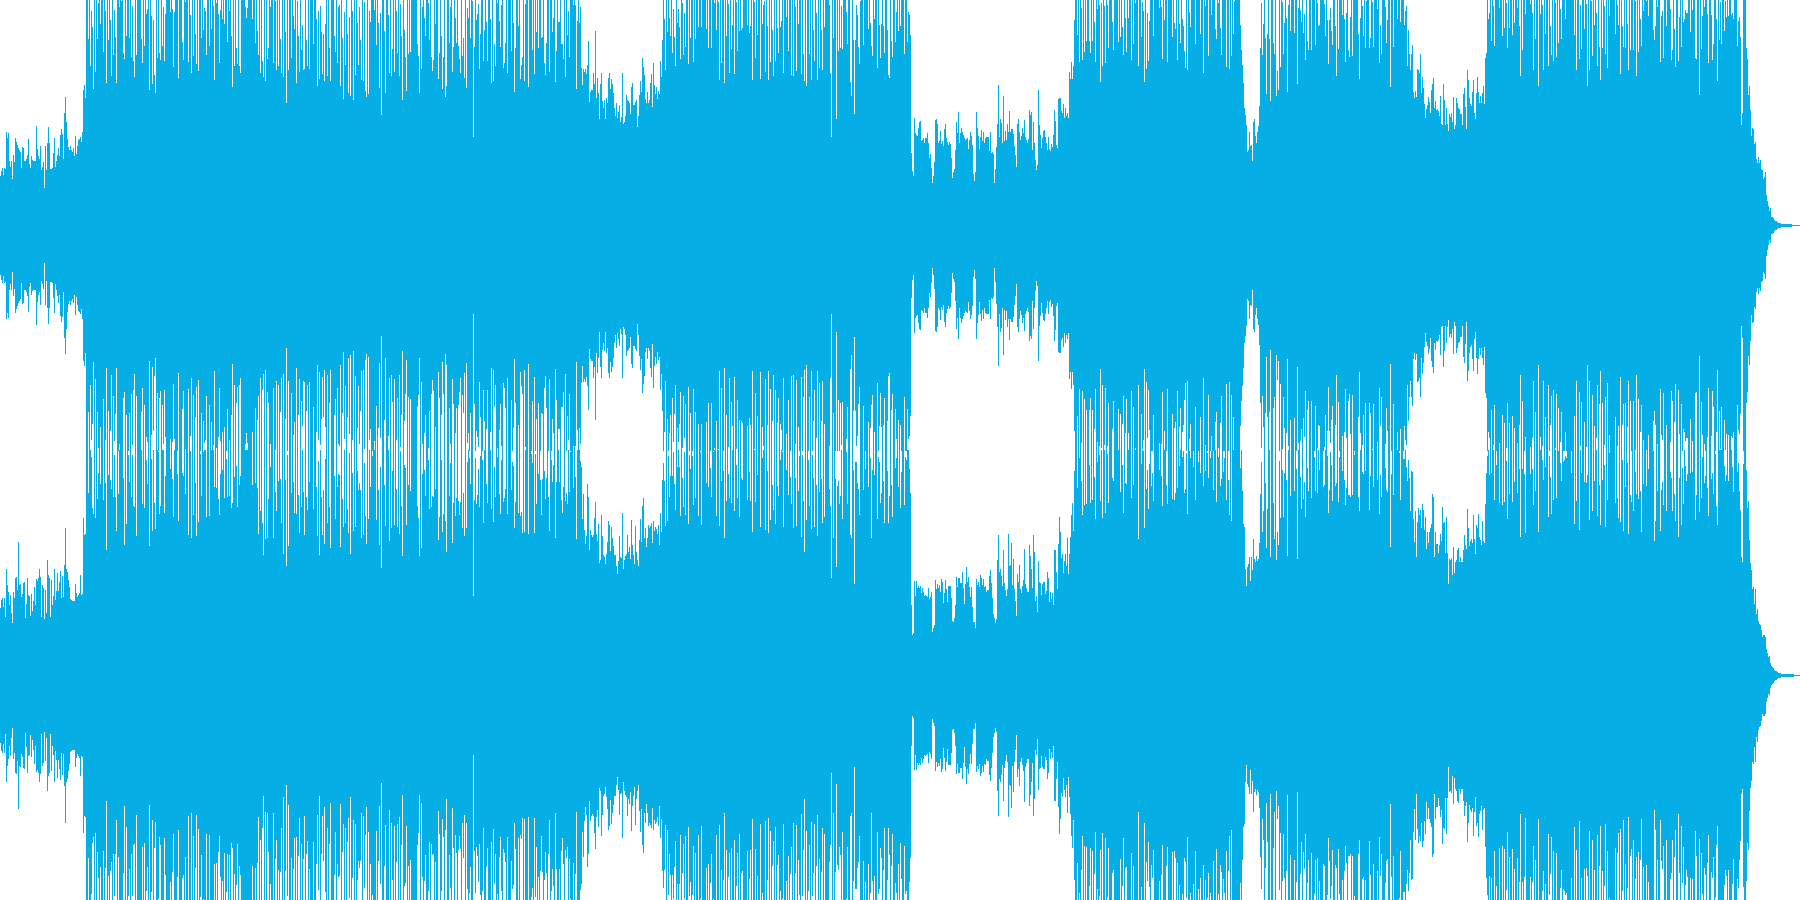 大空・疾走感溢れる爽やかなギターテクノの再生済みの波形